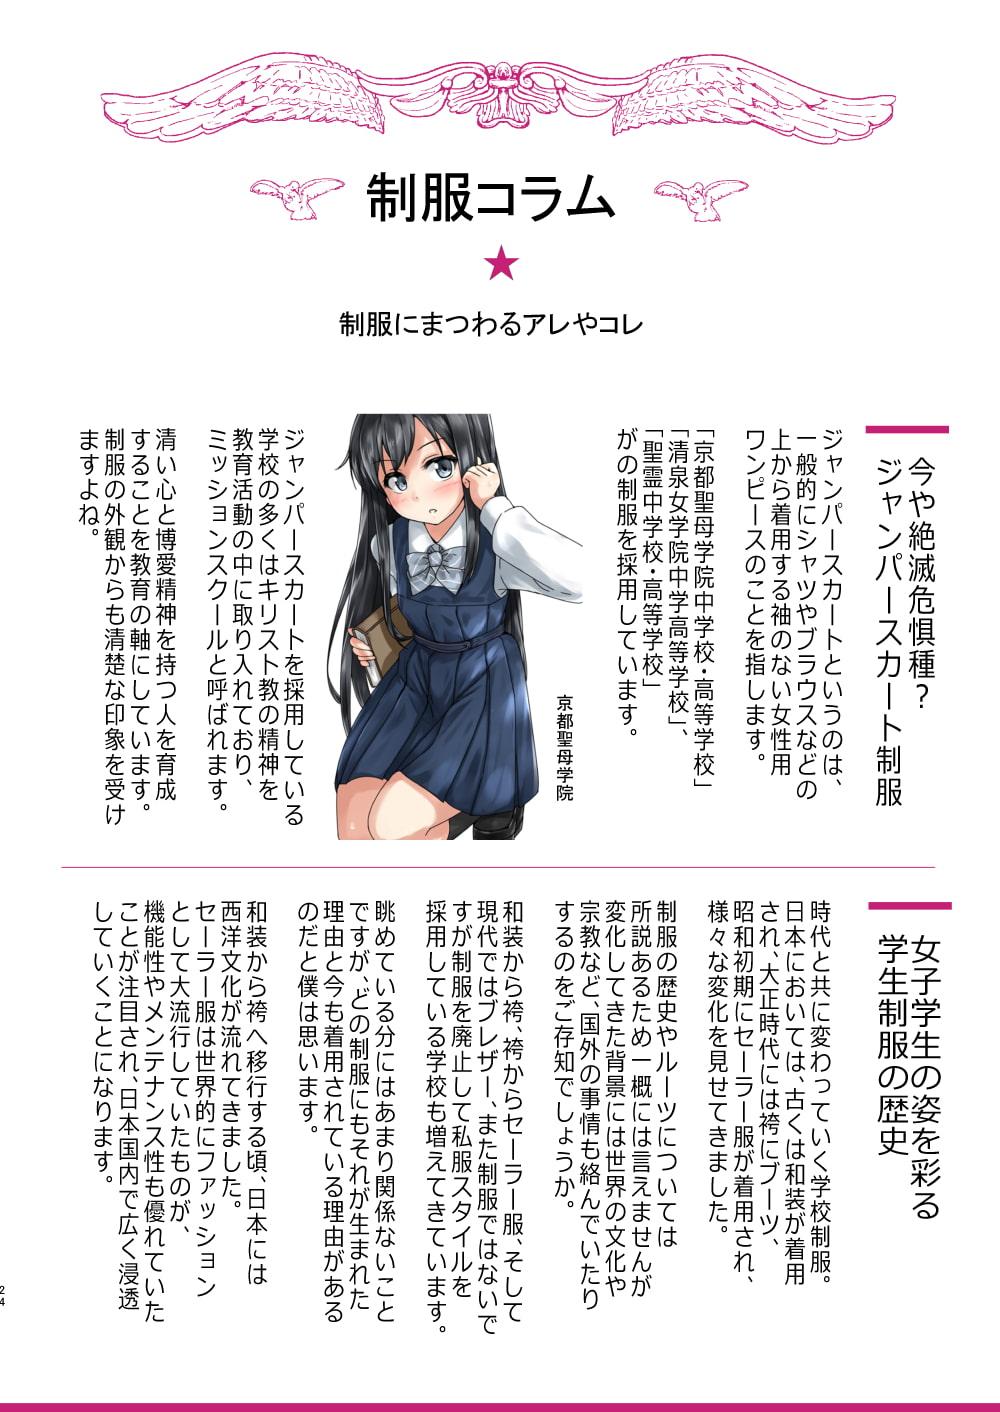 艦娘全国制服図鑑 総集編 Vol.2